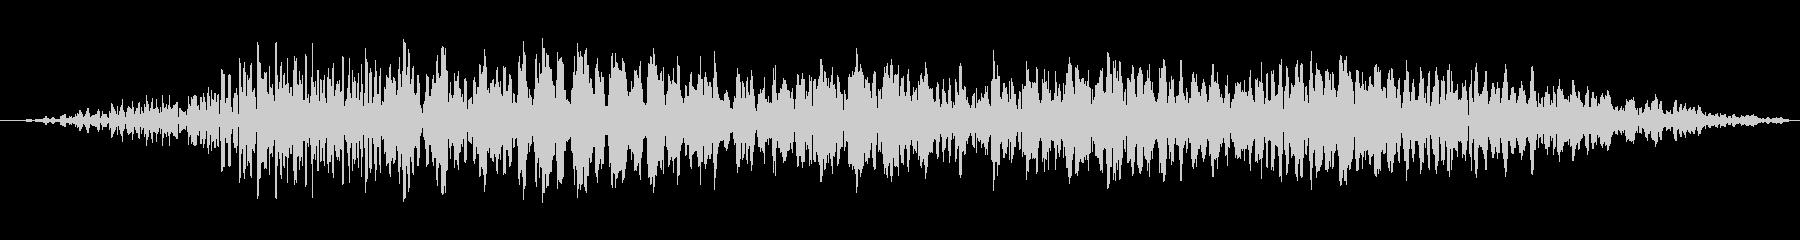 小型サーボ:短いスクープの動き、S...の未再生の波形